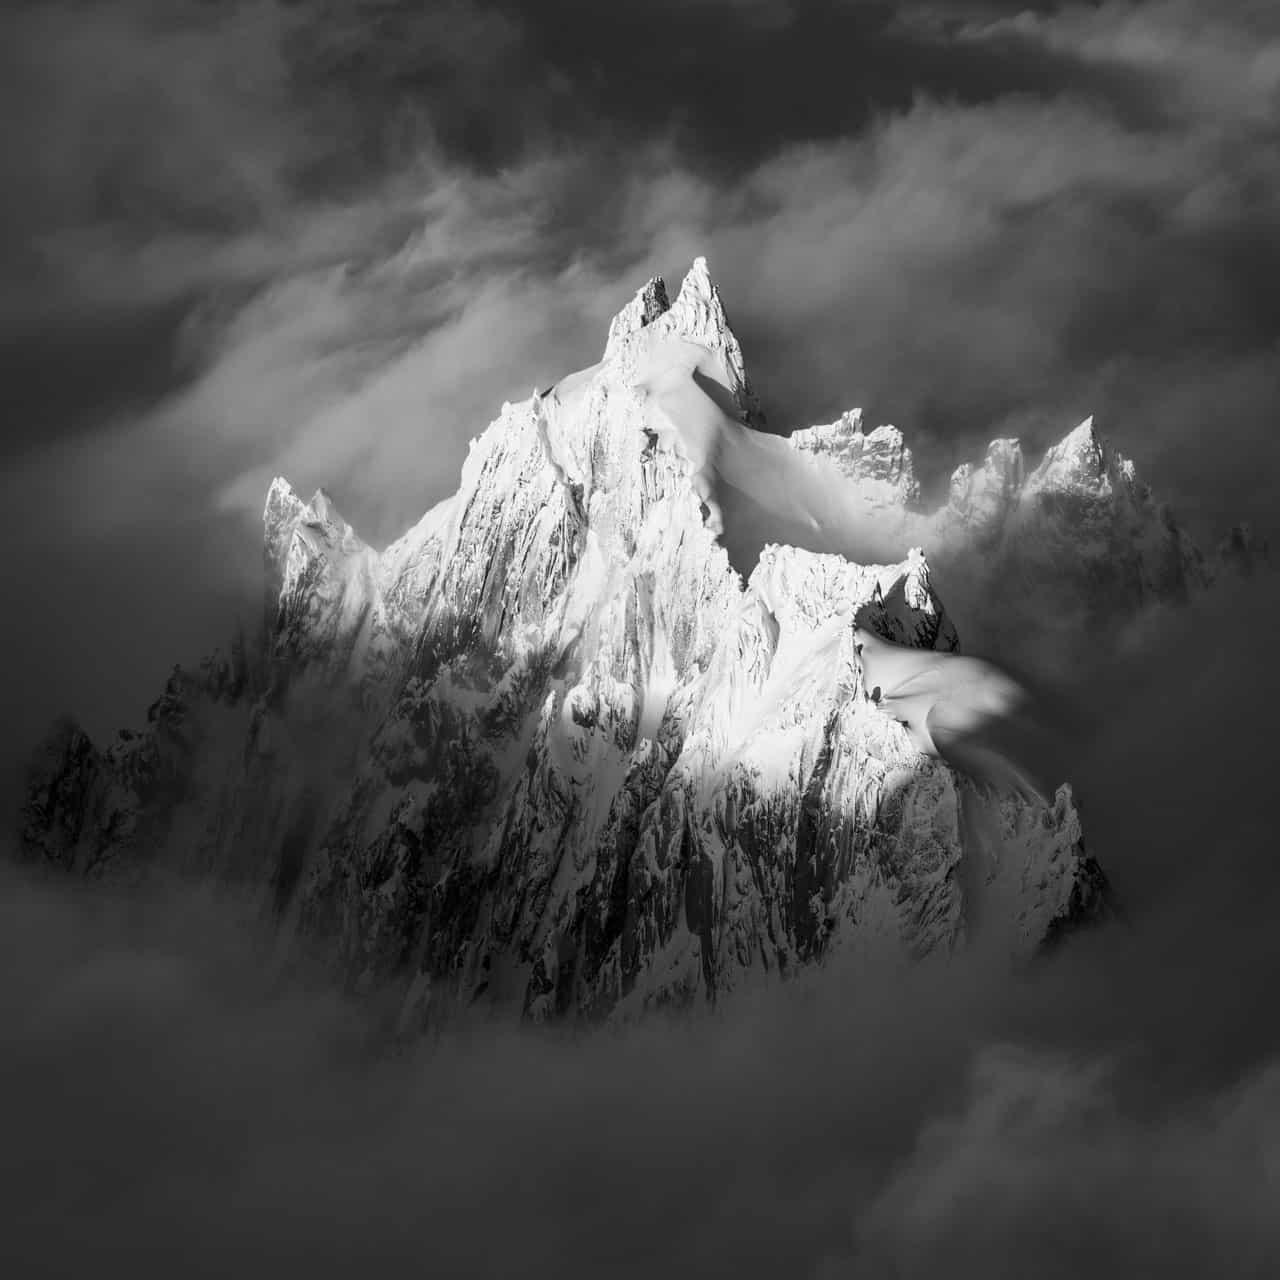 Photo montagne Chamonix noir et blanc - Photographie de l'Aiguille du Plan - Aiguille de Chamonix - Alpes